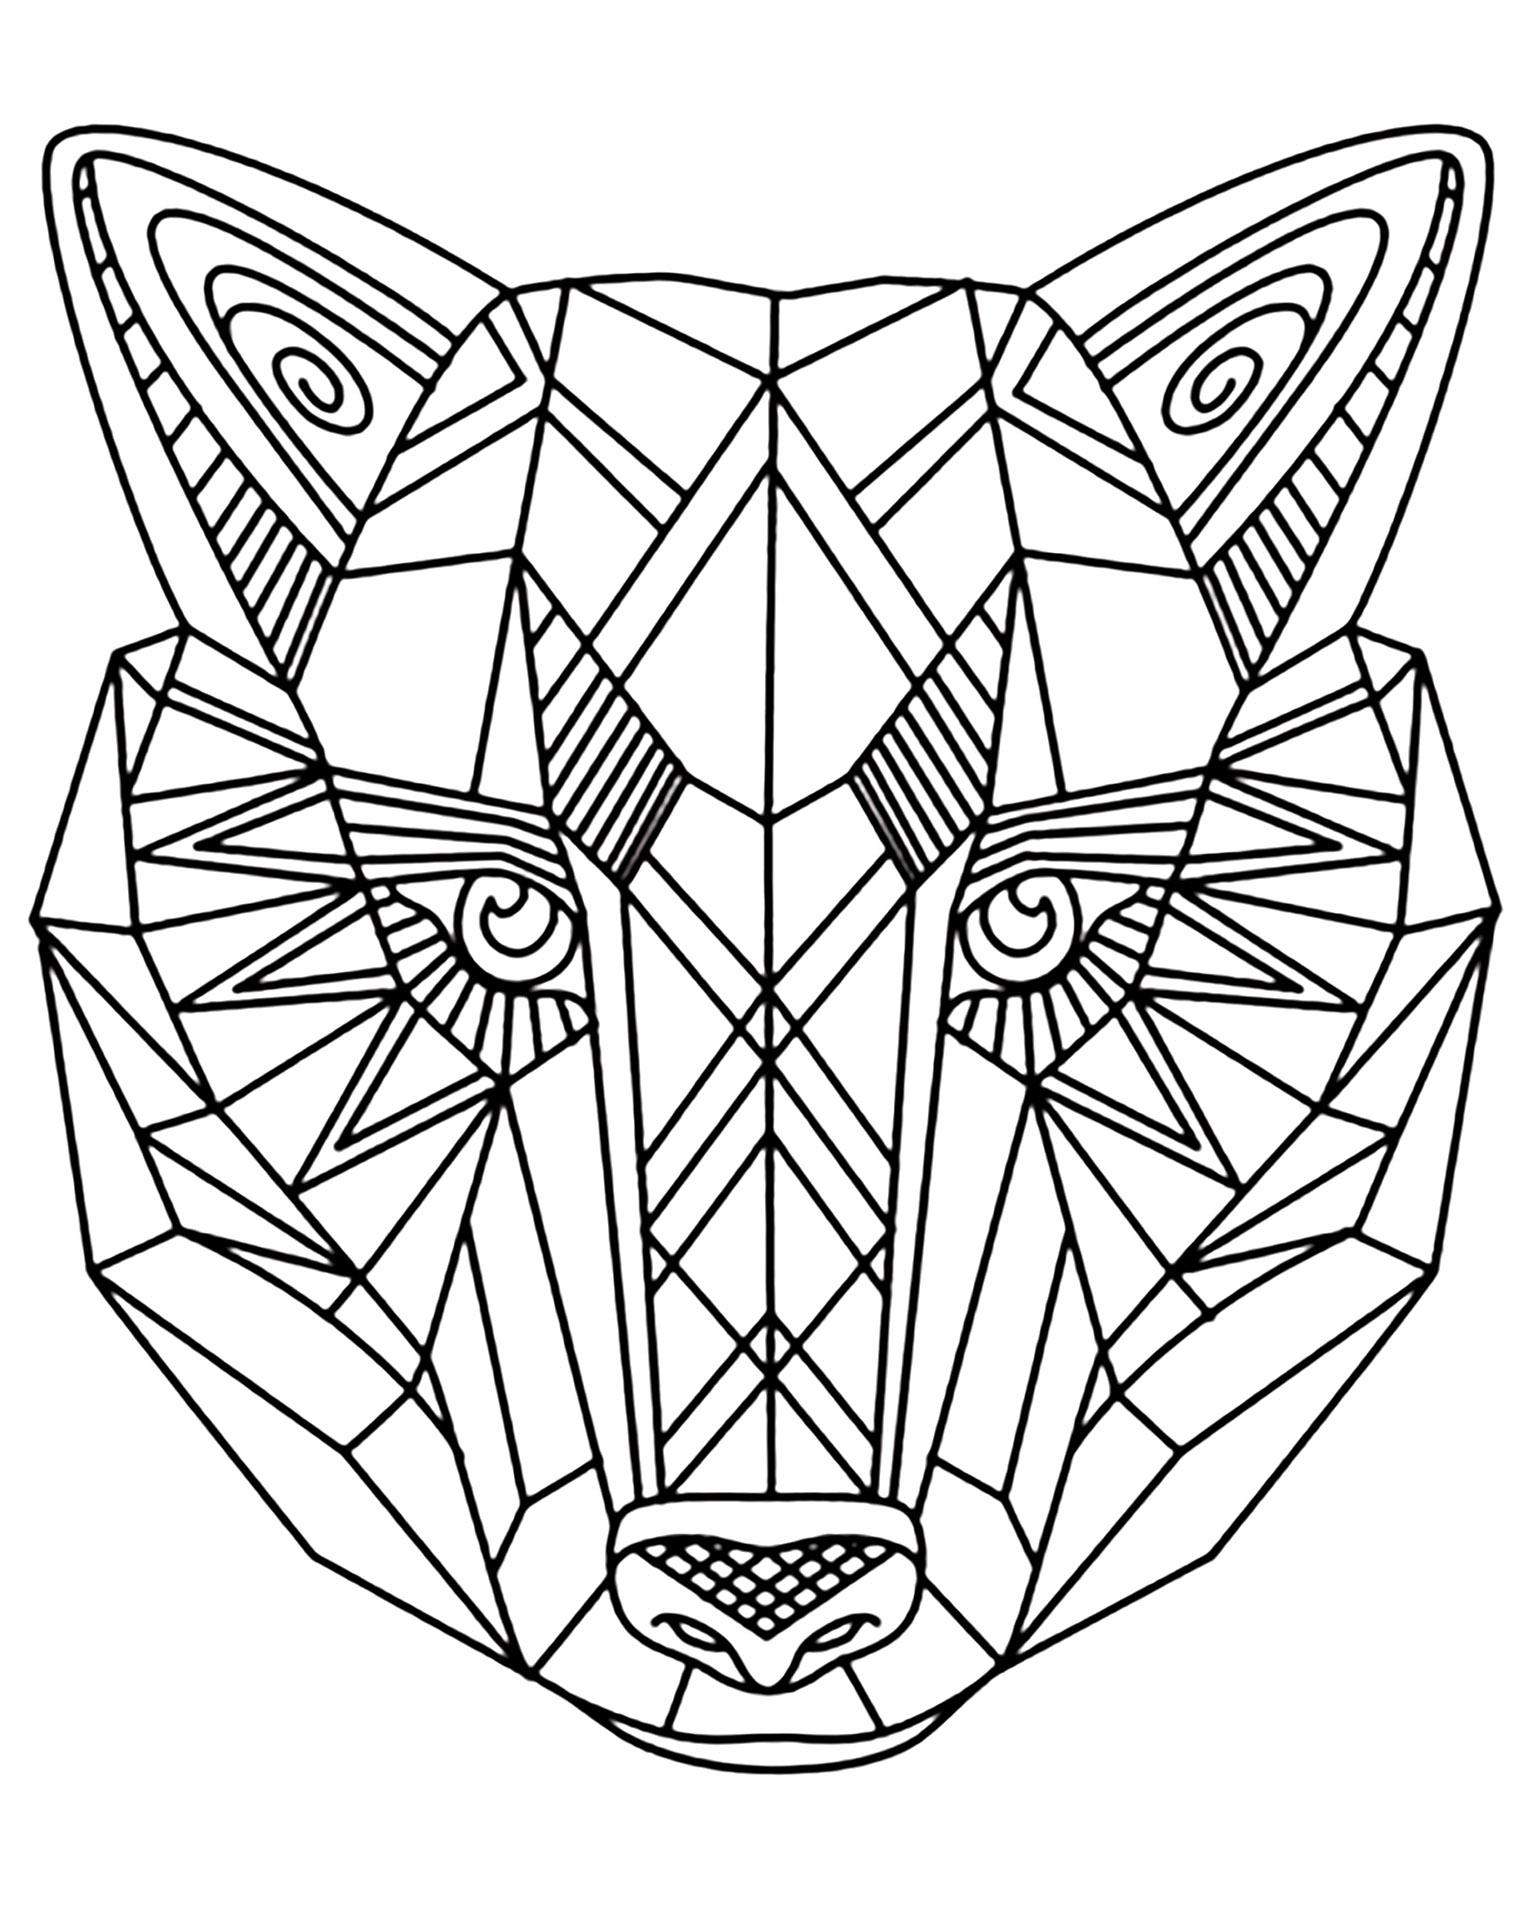 Loup 1 coloriage de loups coloriages pour enfants for Disegni da colorare per adulti paesaggi